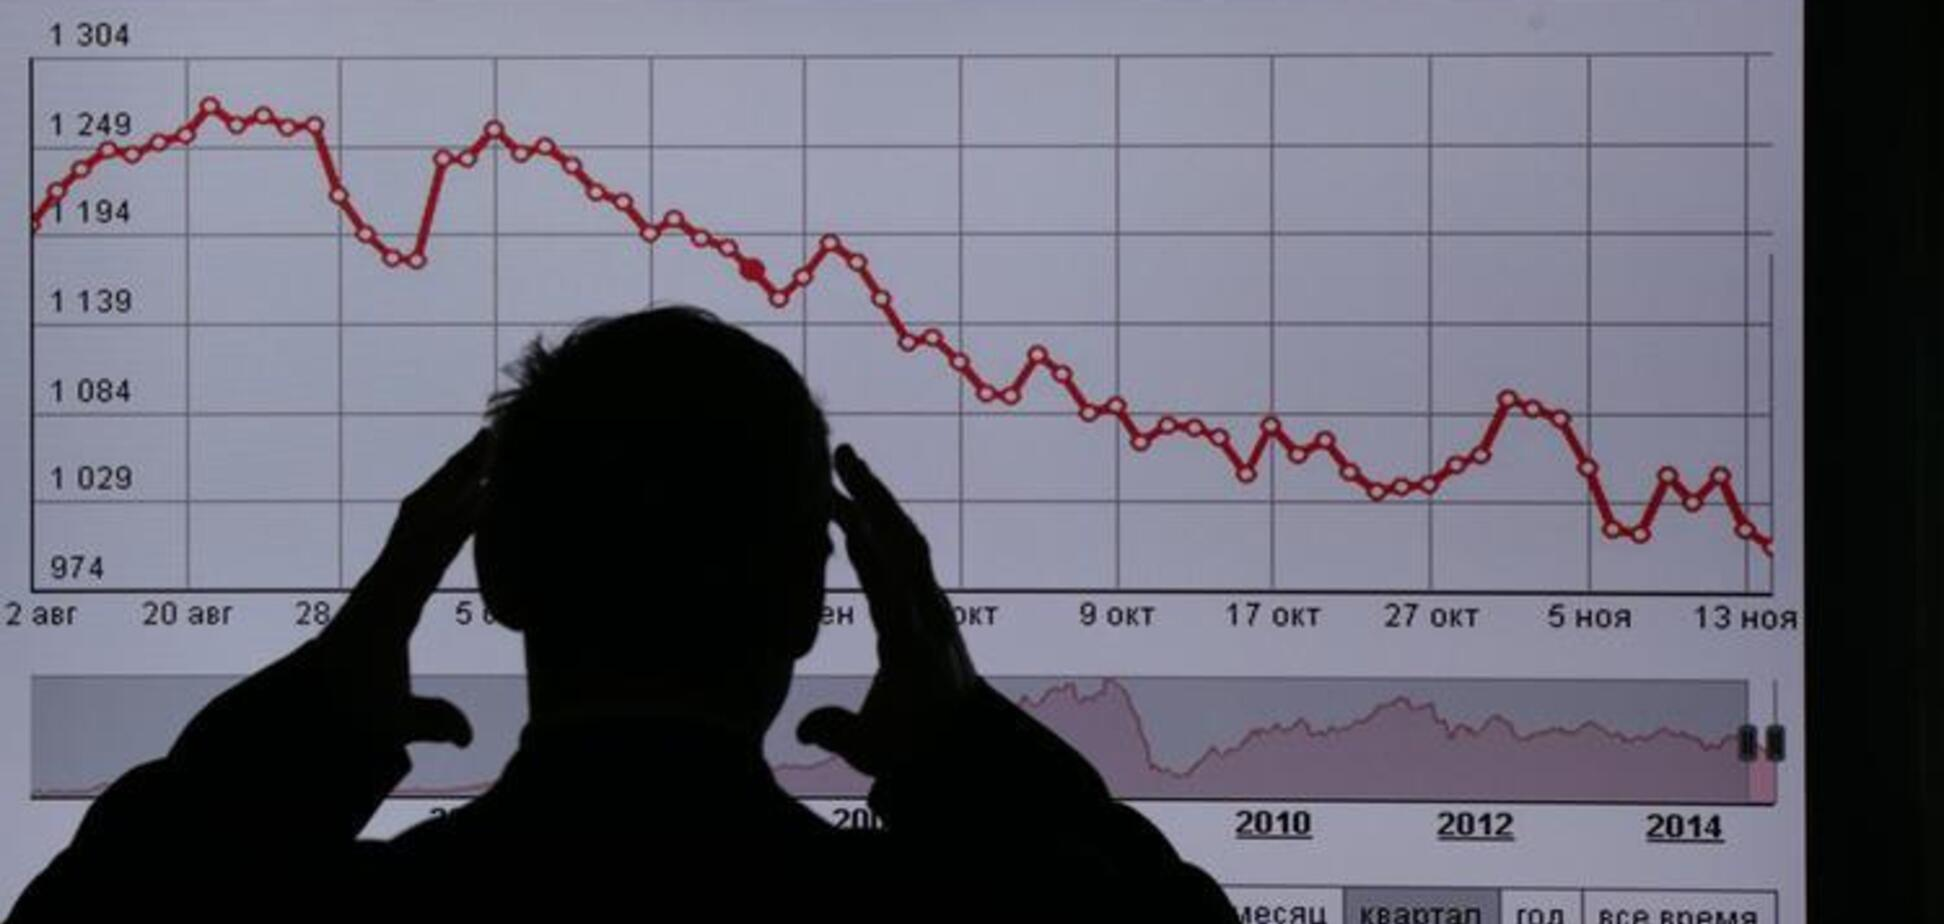 Путин не угрожает: Bloomberg назвал топ-8 опасностей для мировой экономики